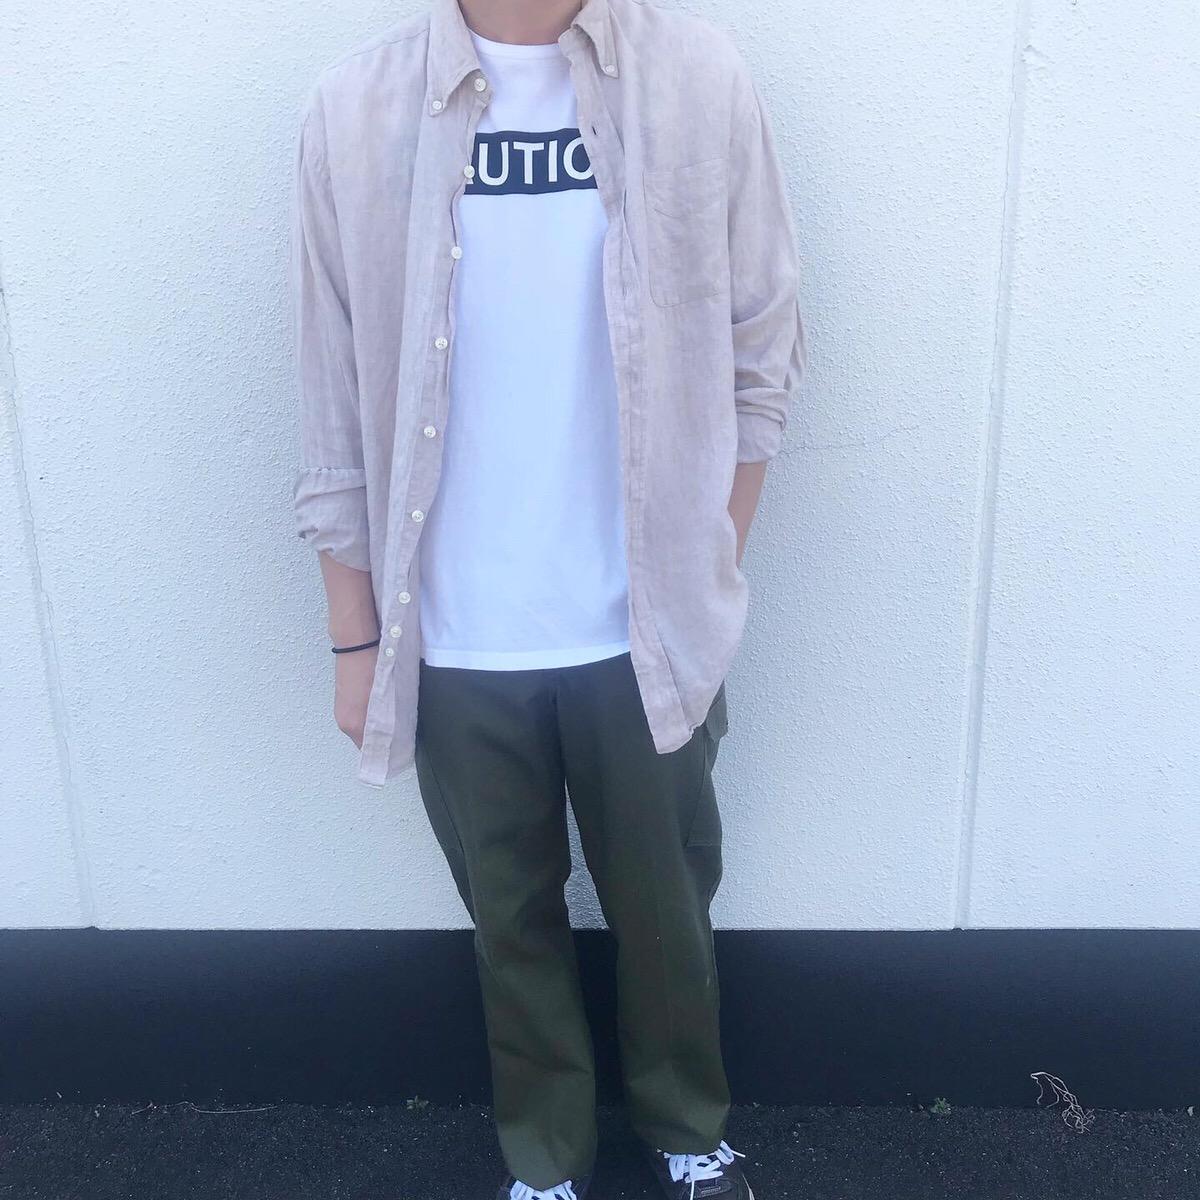 2019年9月10日 | 落ち着いたカラーのリネンシャツで秋らしさを意識したコーデ